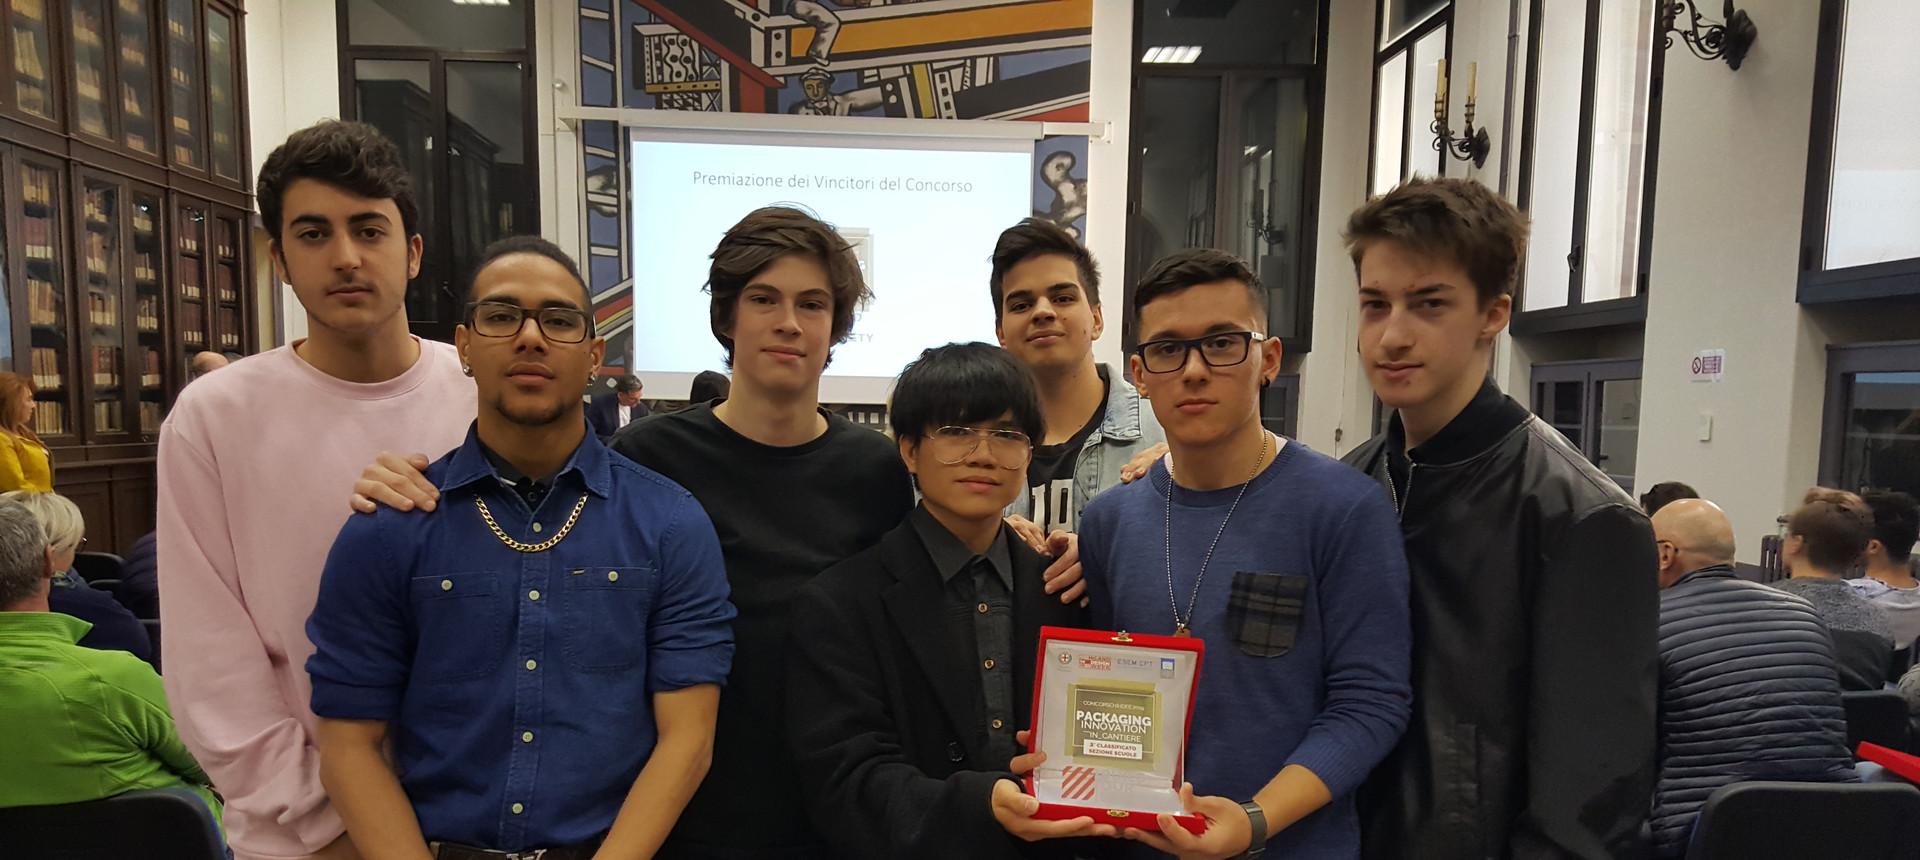 CLASSE III GRAFICO del prof. GIOVANNI LO